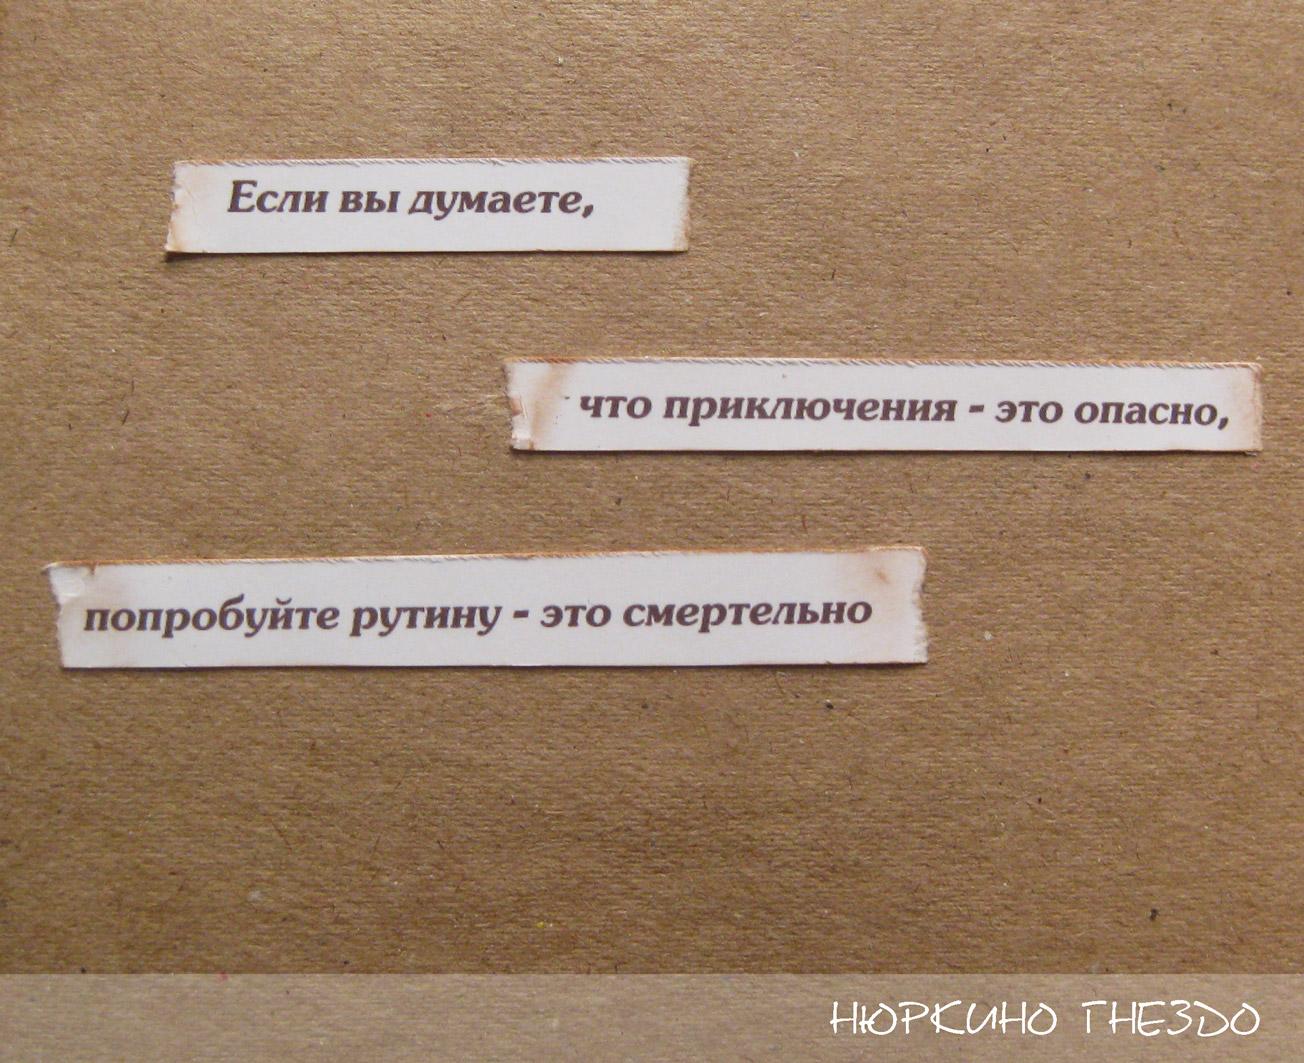 Надпись на внутри открытки